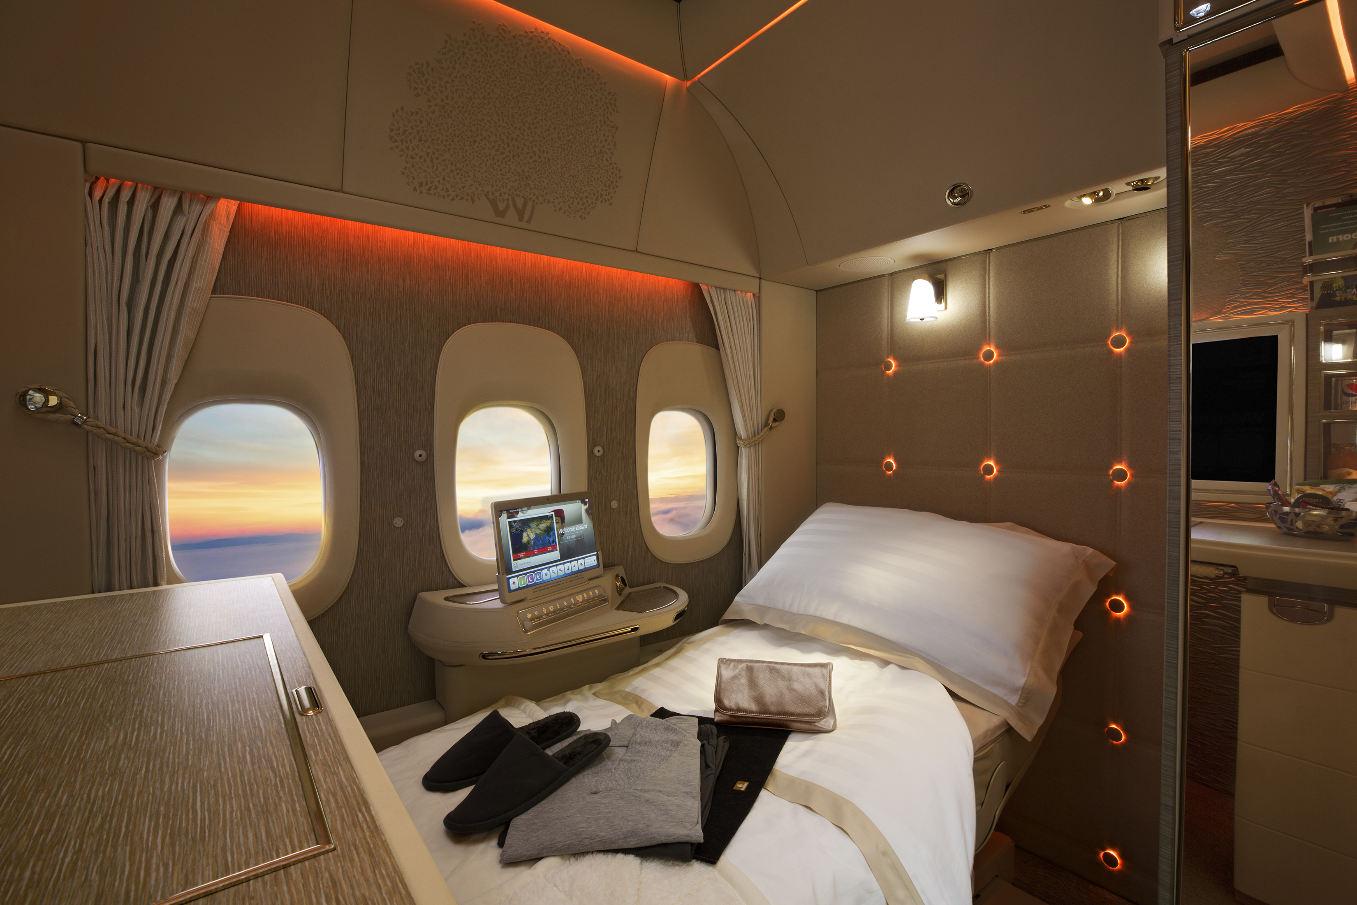 Dubai Airshow 2017 : Emirates dévoile ses nouvelles cabines pour ses Boeing 777